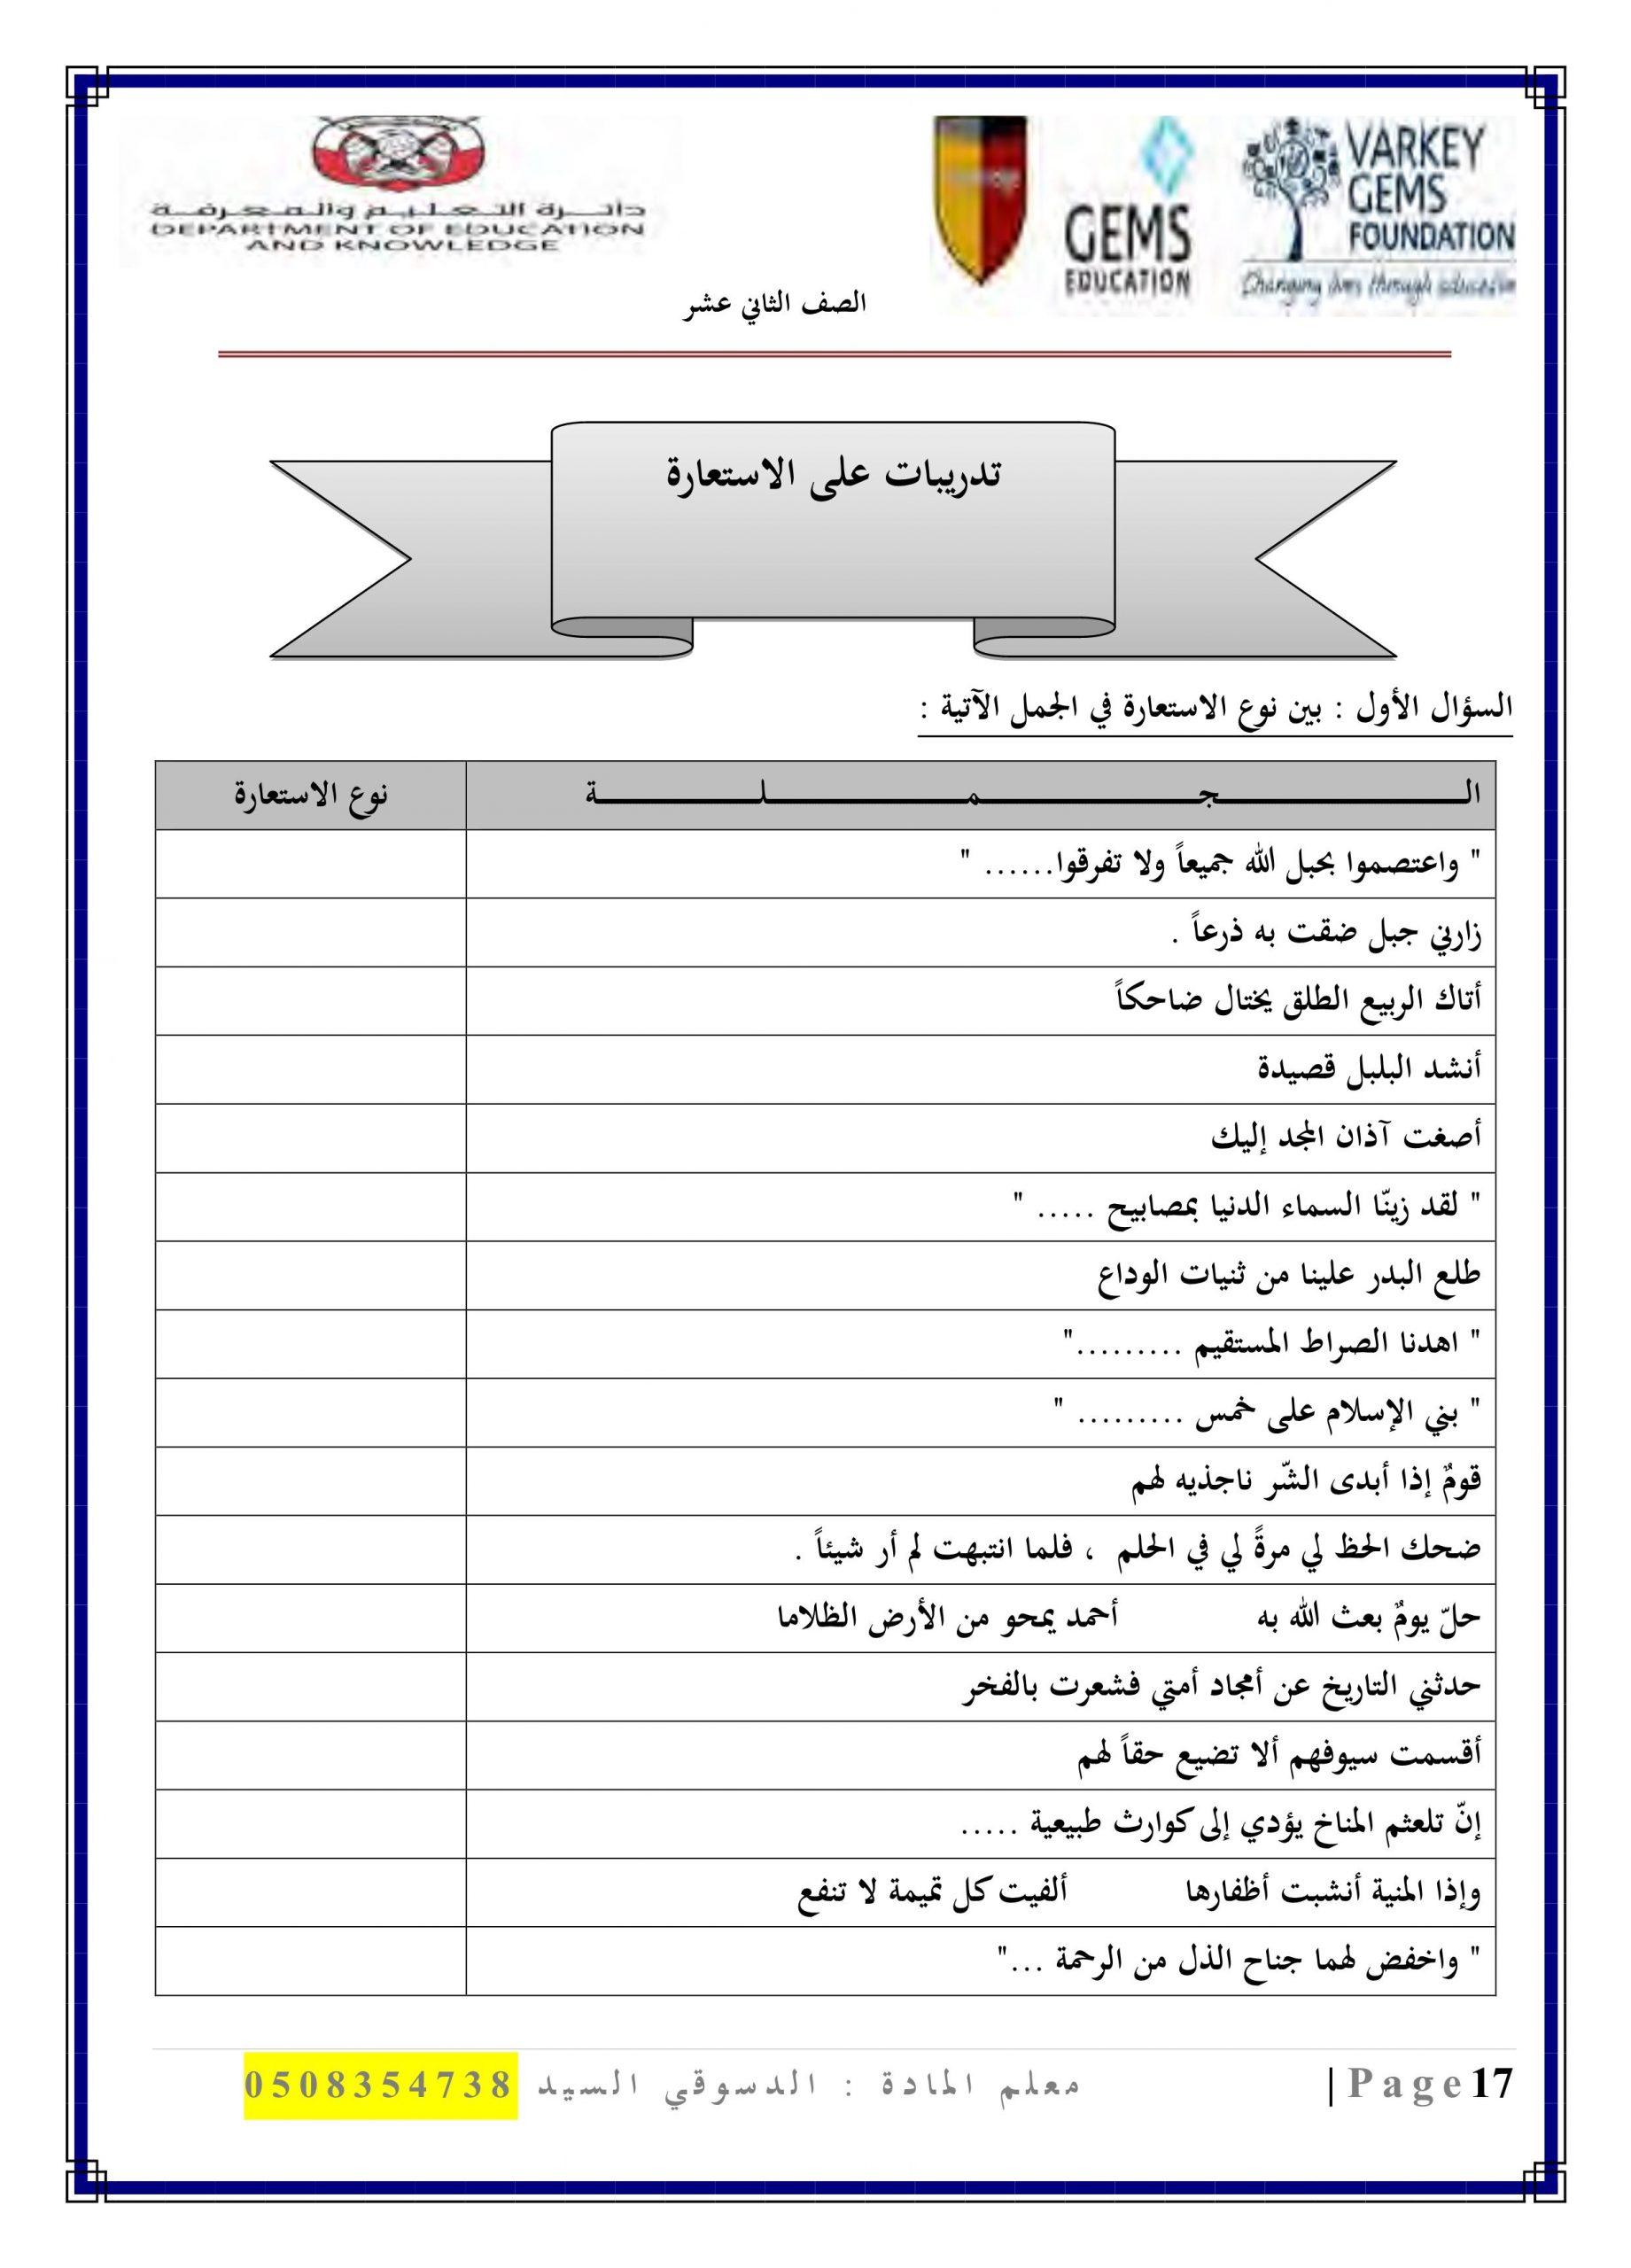 ورقة عمل درس الاستعارة الصف الثاني عشر مادة اللغة العربية